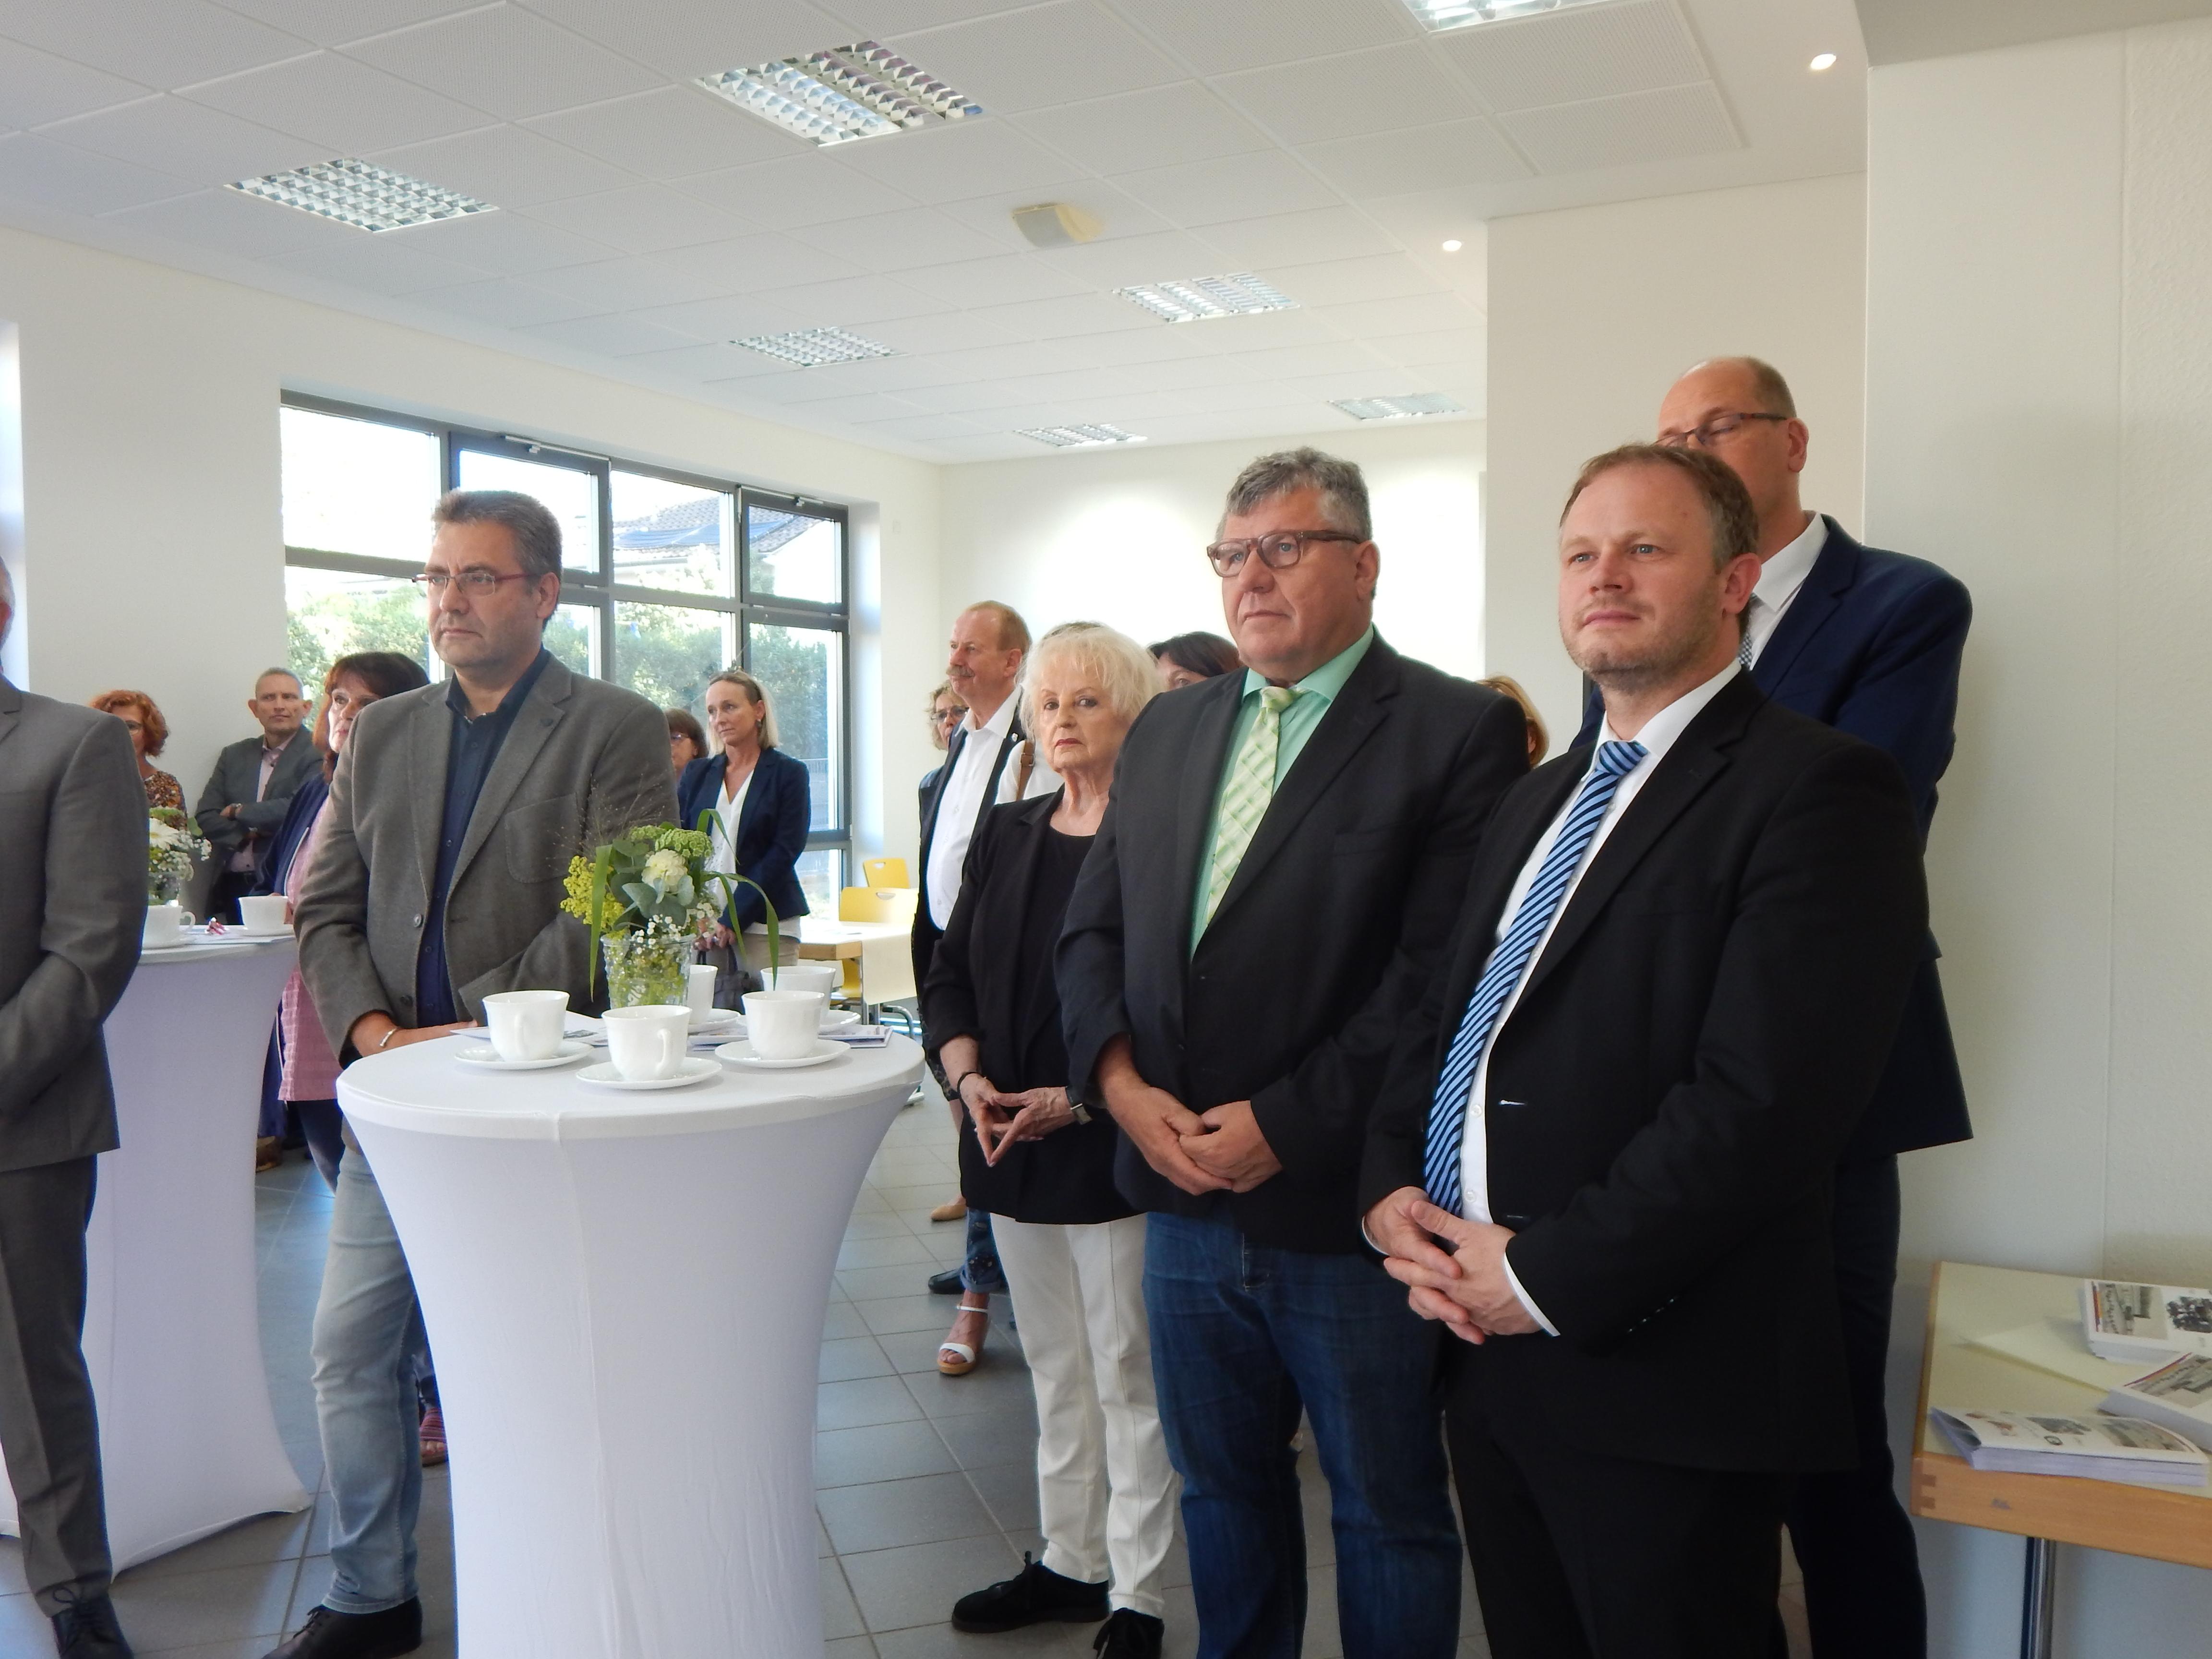 50 Jahre Marienstr. 21 – Schulfest der Robert-Krups-Schule